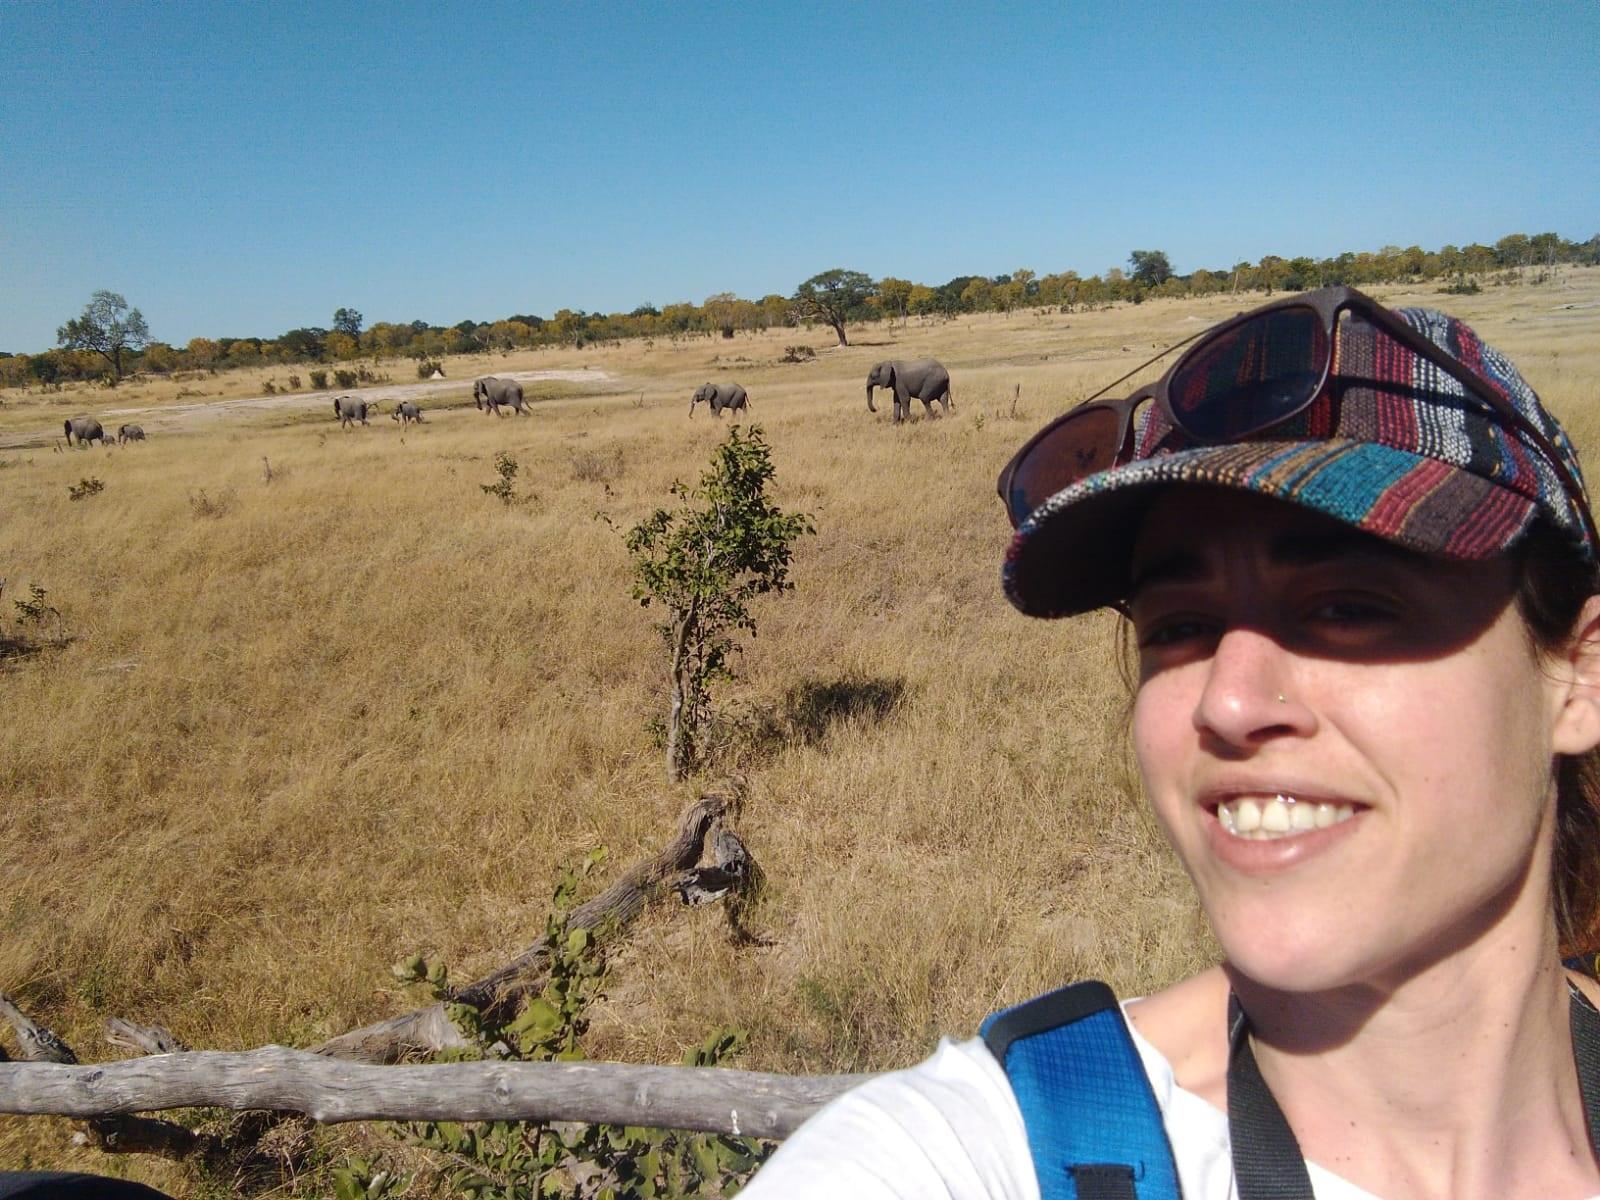 María en el Parque Kruger